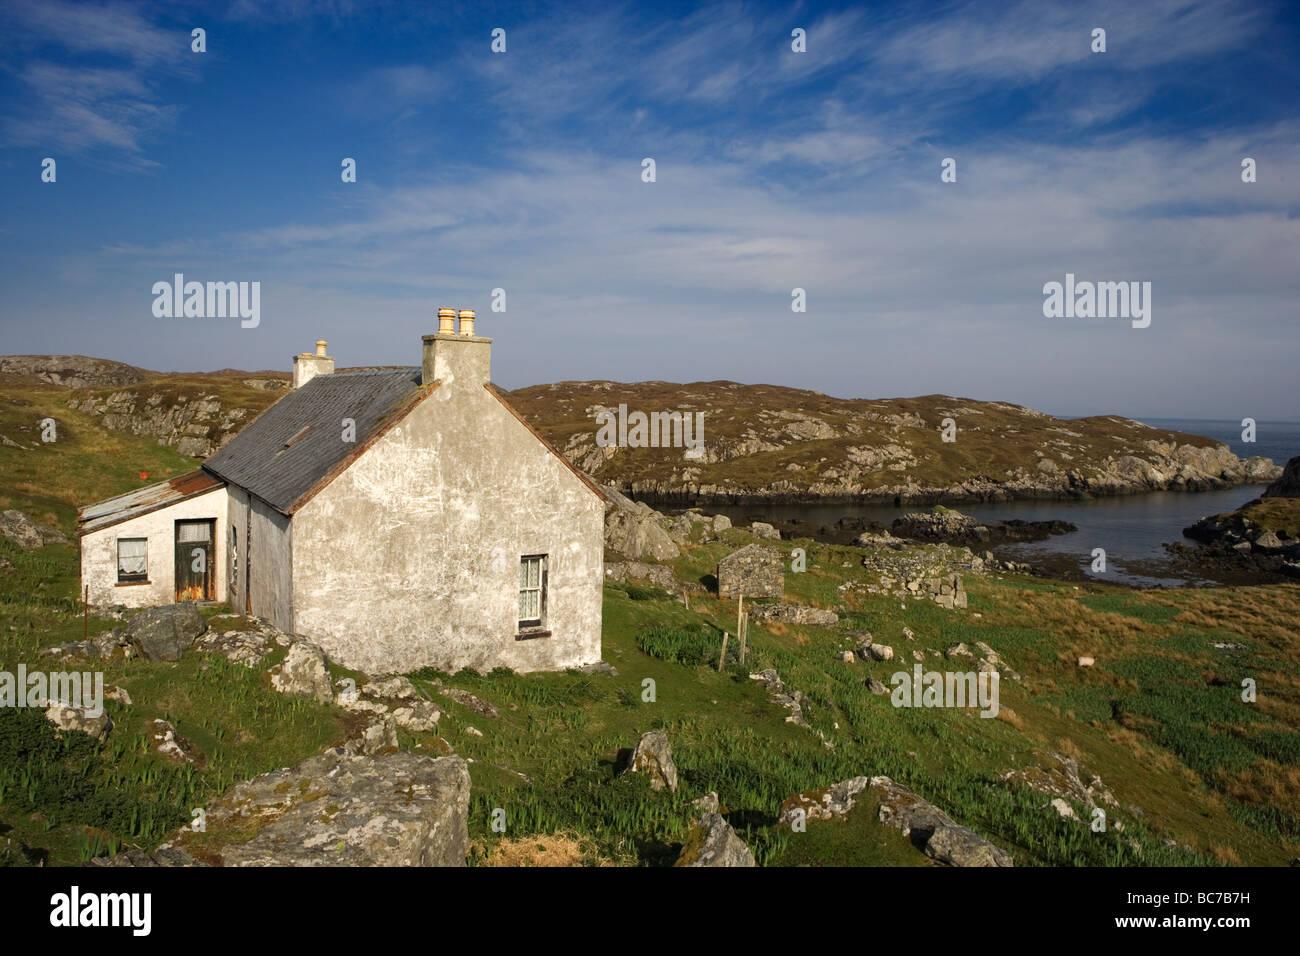 ABANDONED HIGHLAND CROFT THE ISLE OF HARRIS SCOTLAND - Stock Image